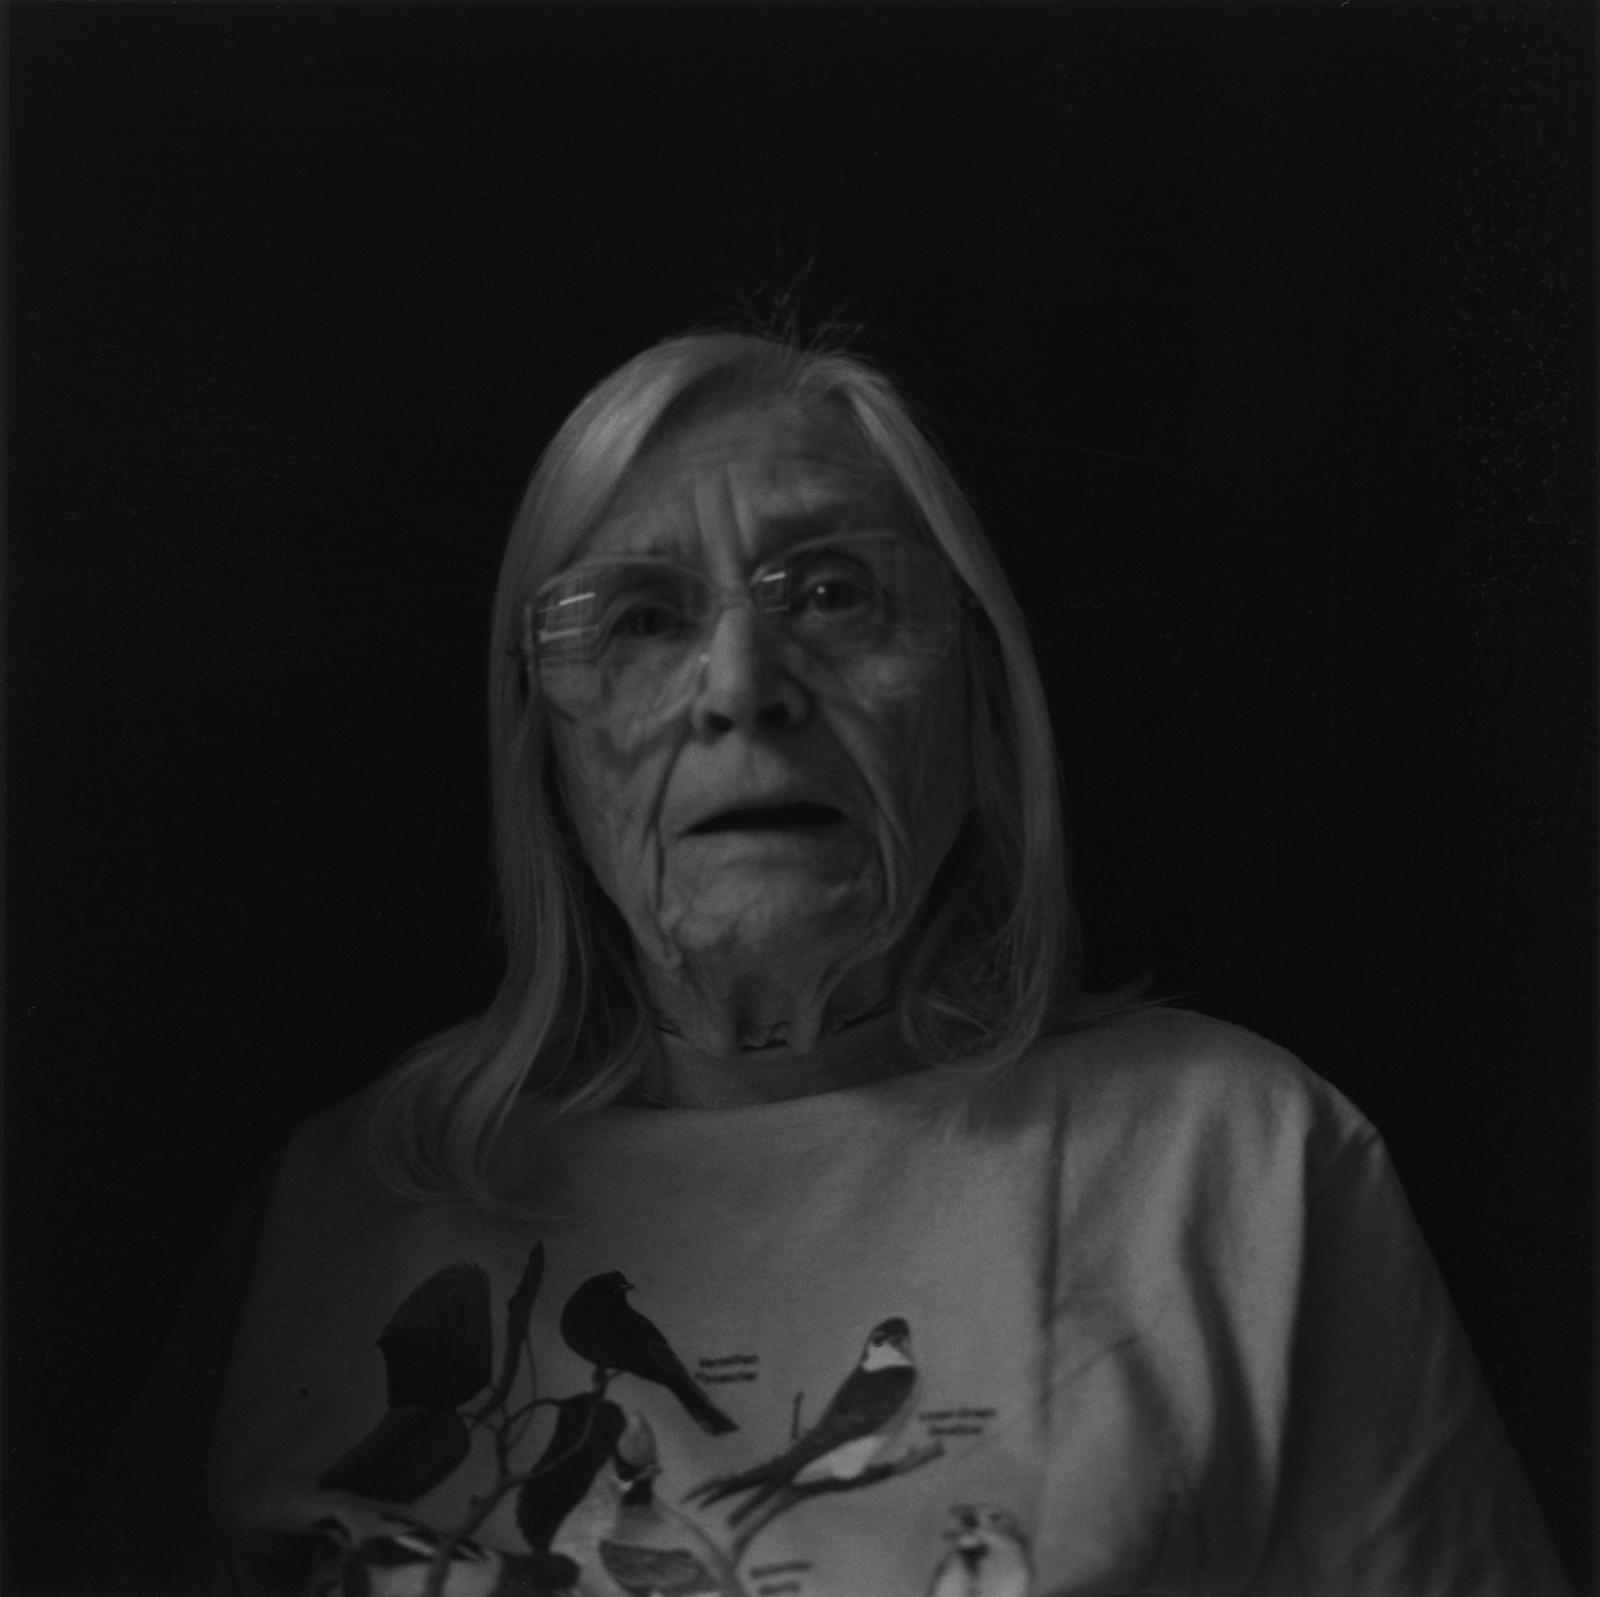 Wanda, 2004